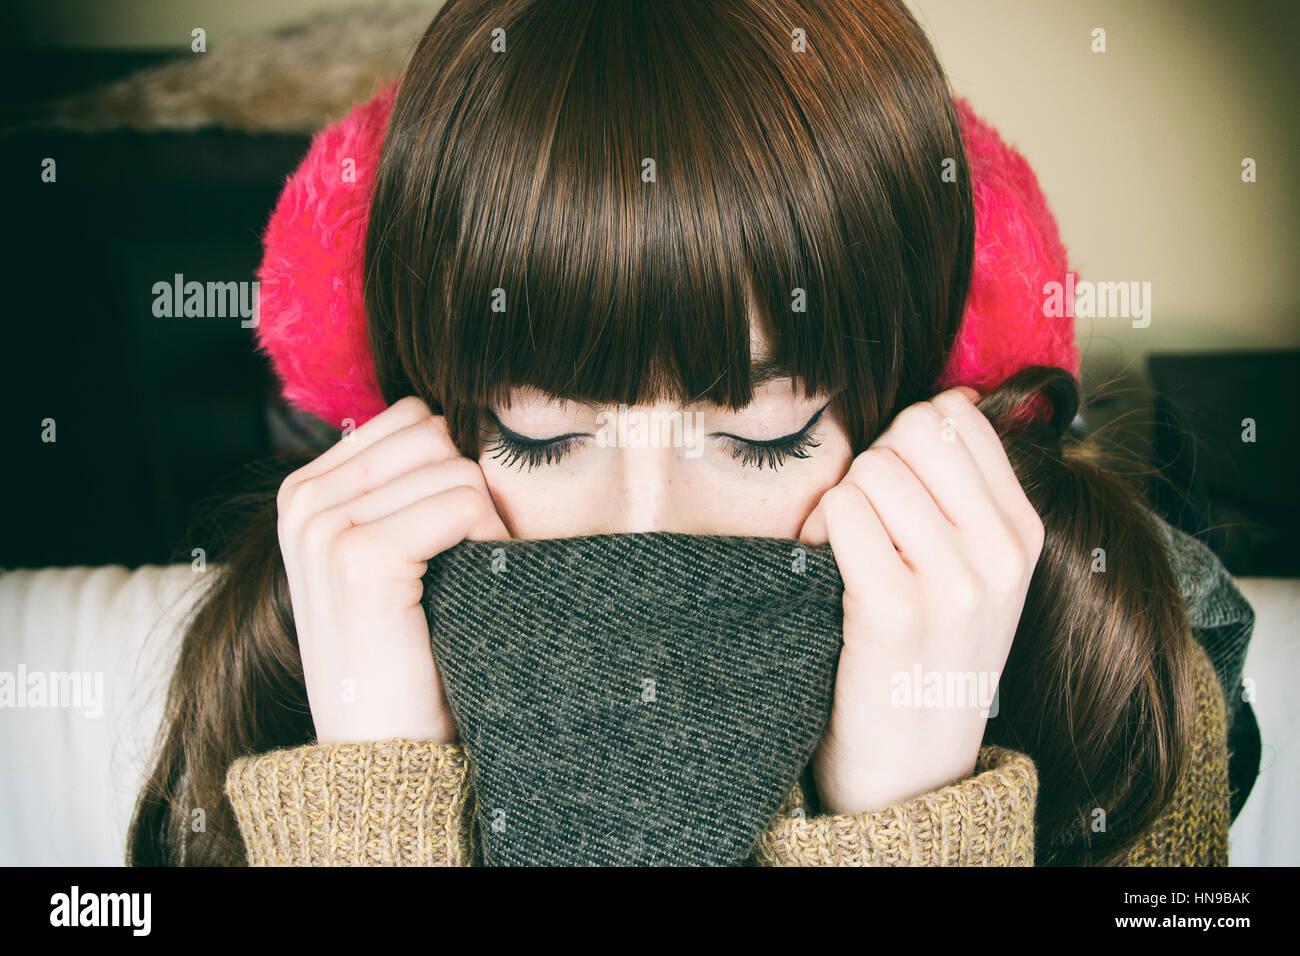 Retrato de una joven y bella mujer con ropa de invierno Imagen De Stock